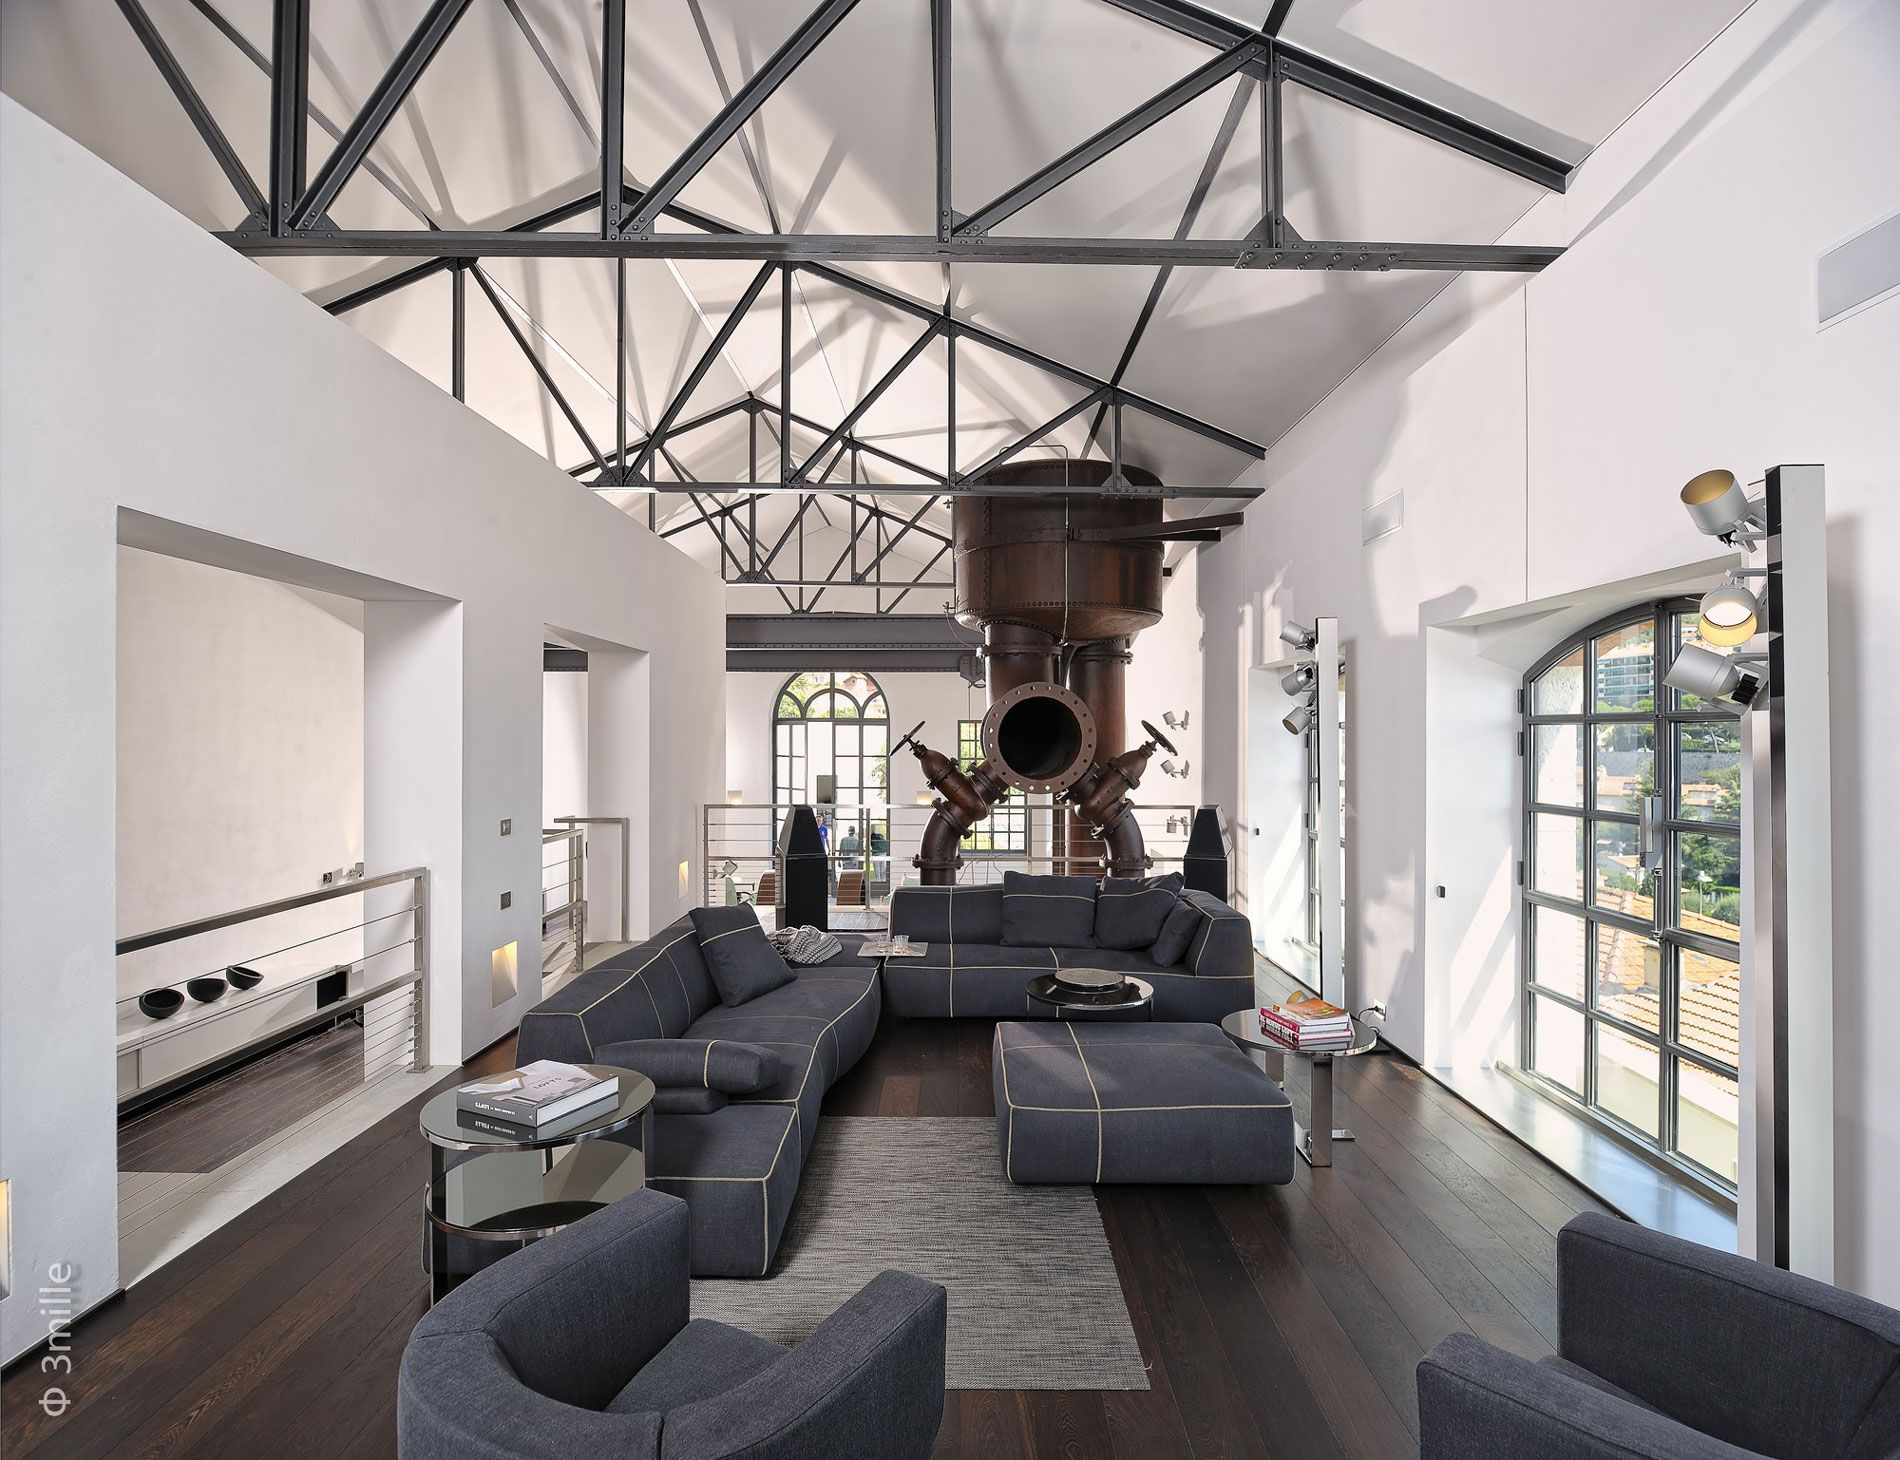 70 Moderne, Innovative Luxus Interieur Ideen Fürs Wohnzimmer   Extravagant Design  Wohnzimmer Graue Moebel